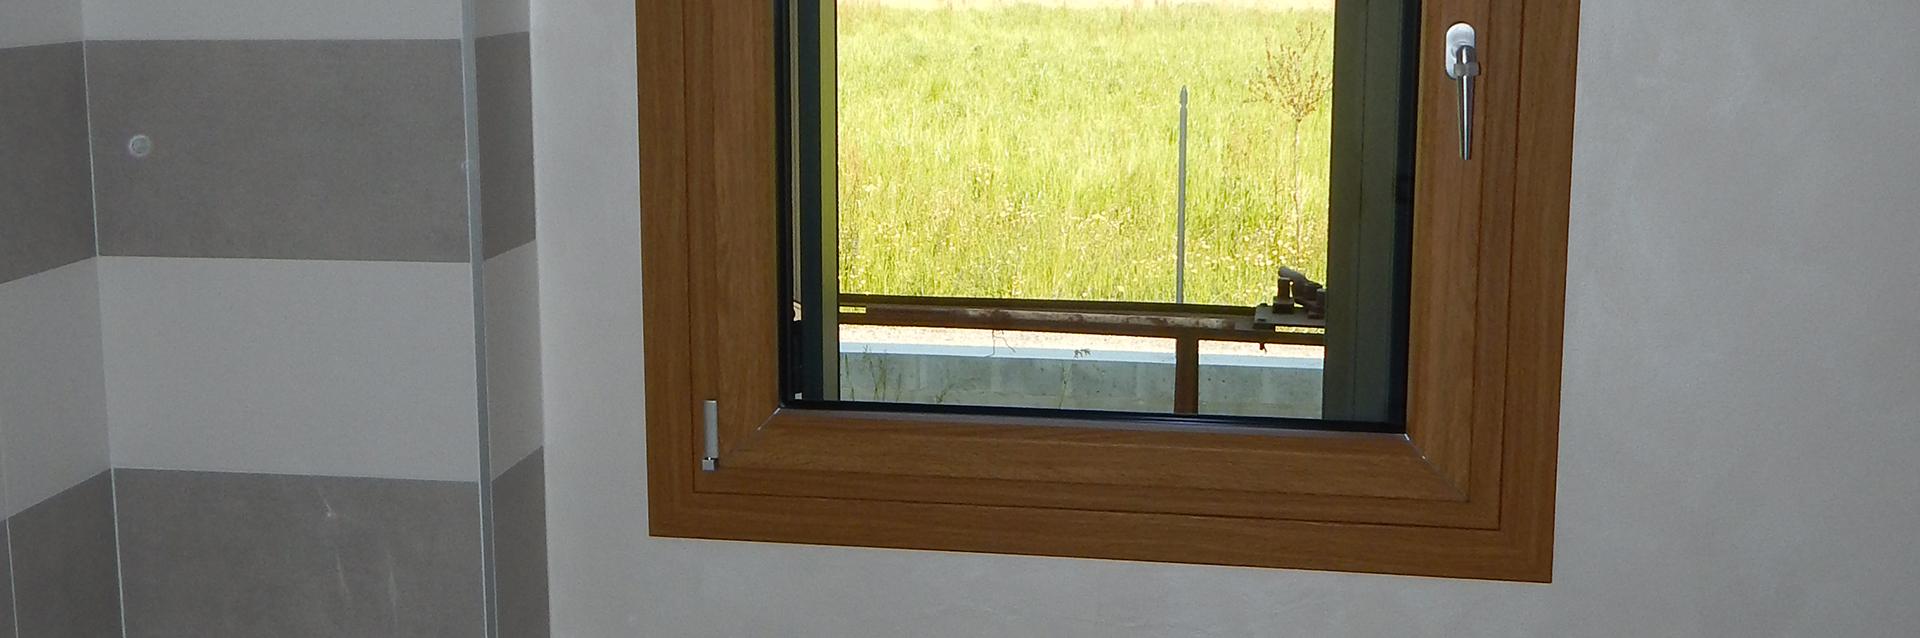 Realizzazione modelli uni one padova porte finestre portoncini d 39 ingresso e scuri in legno - Modelli di finestre ...